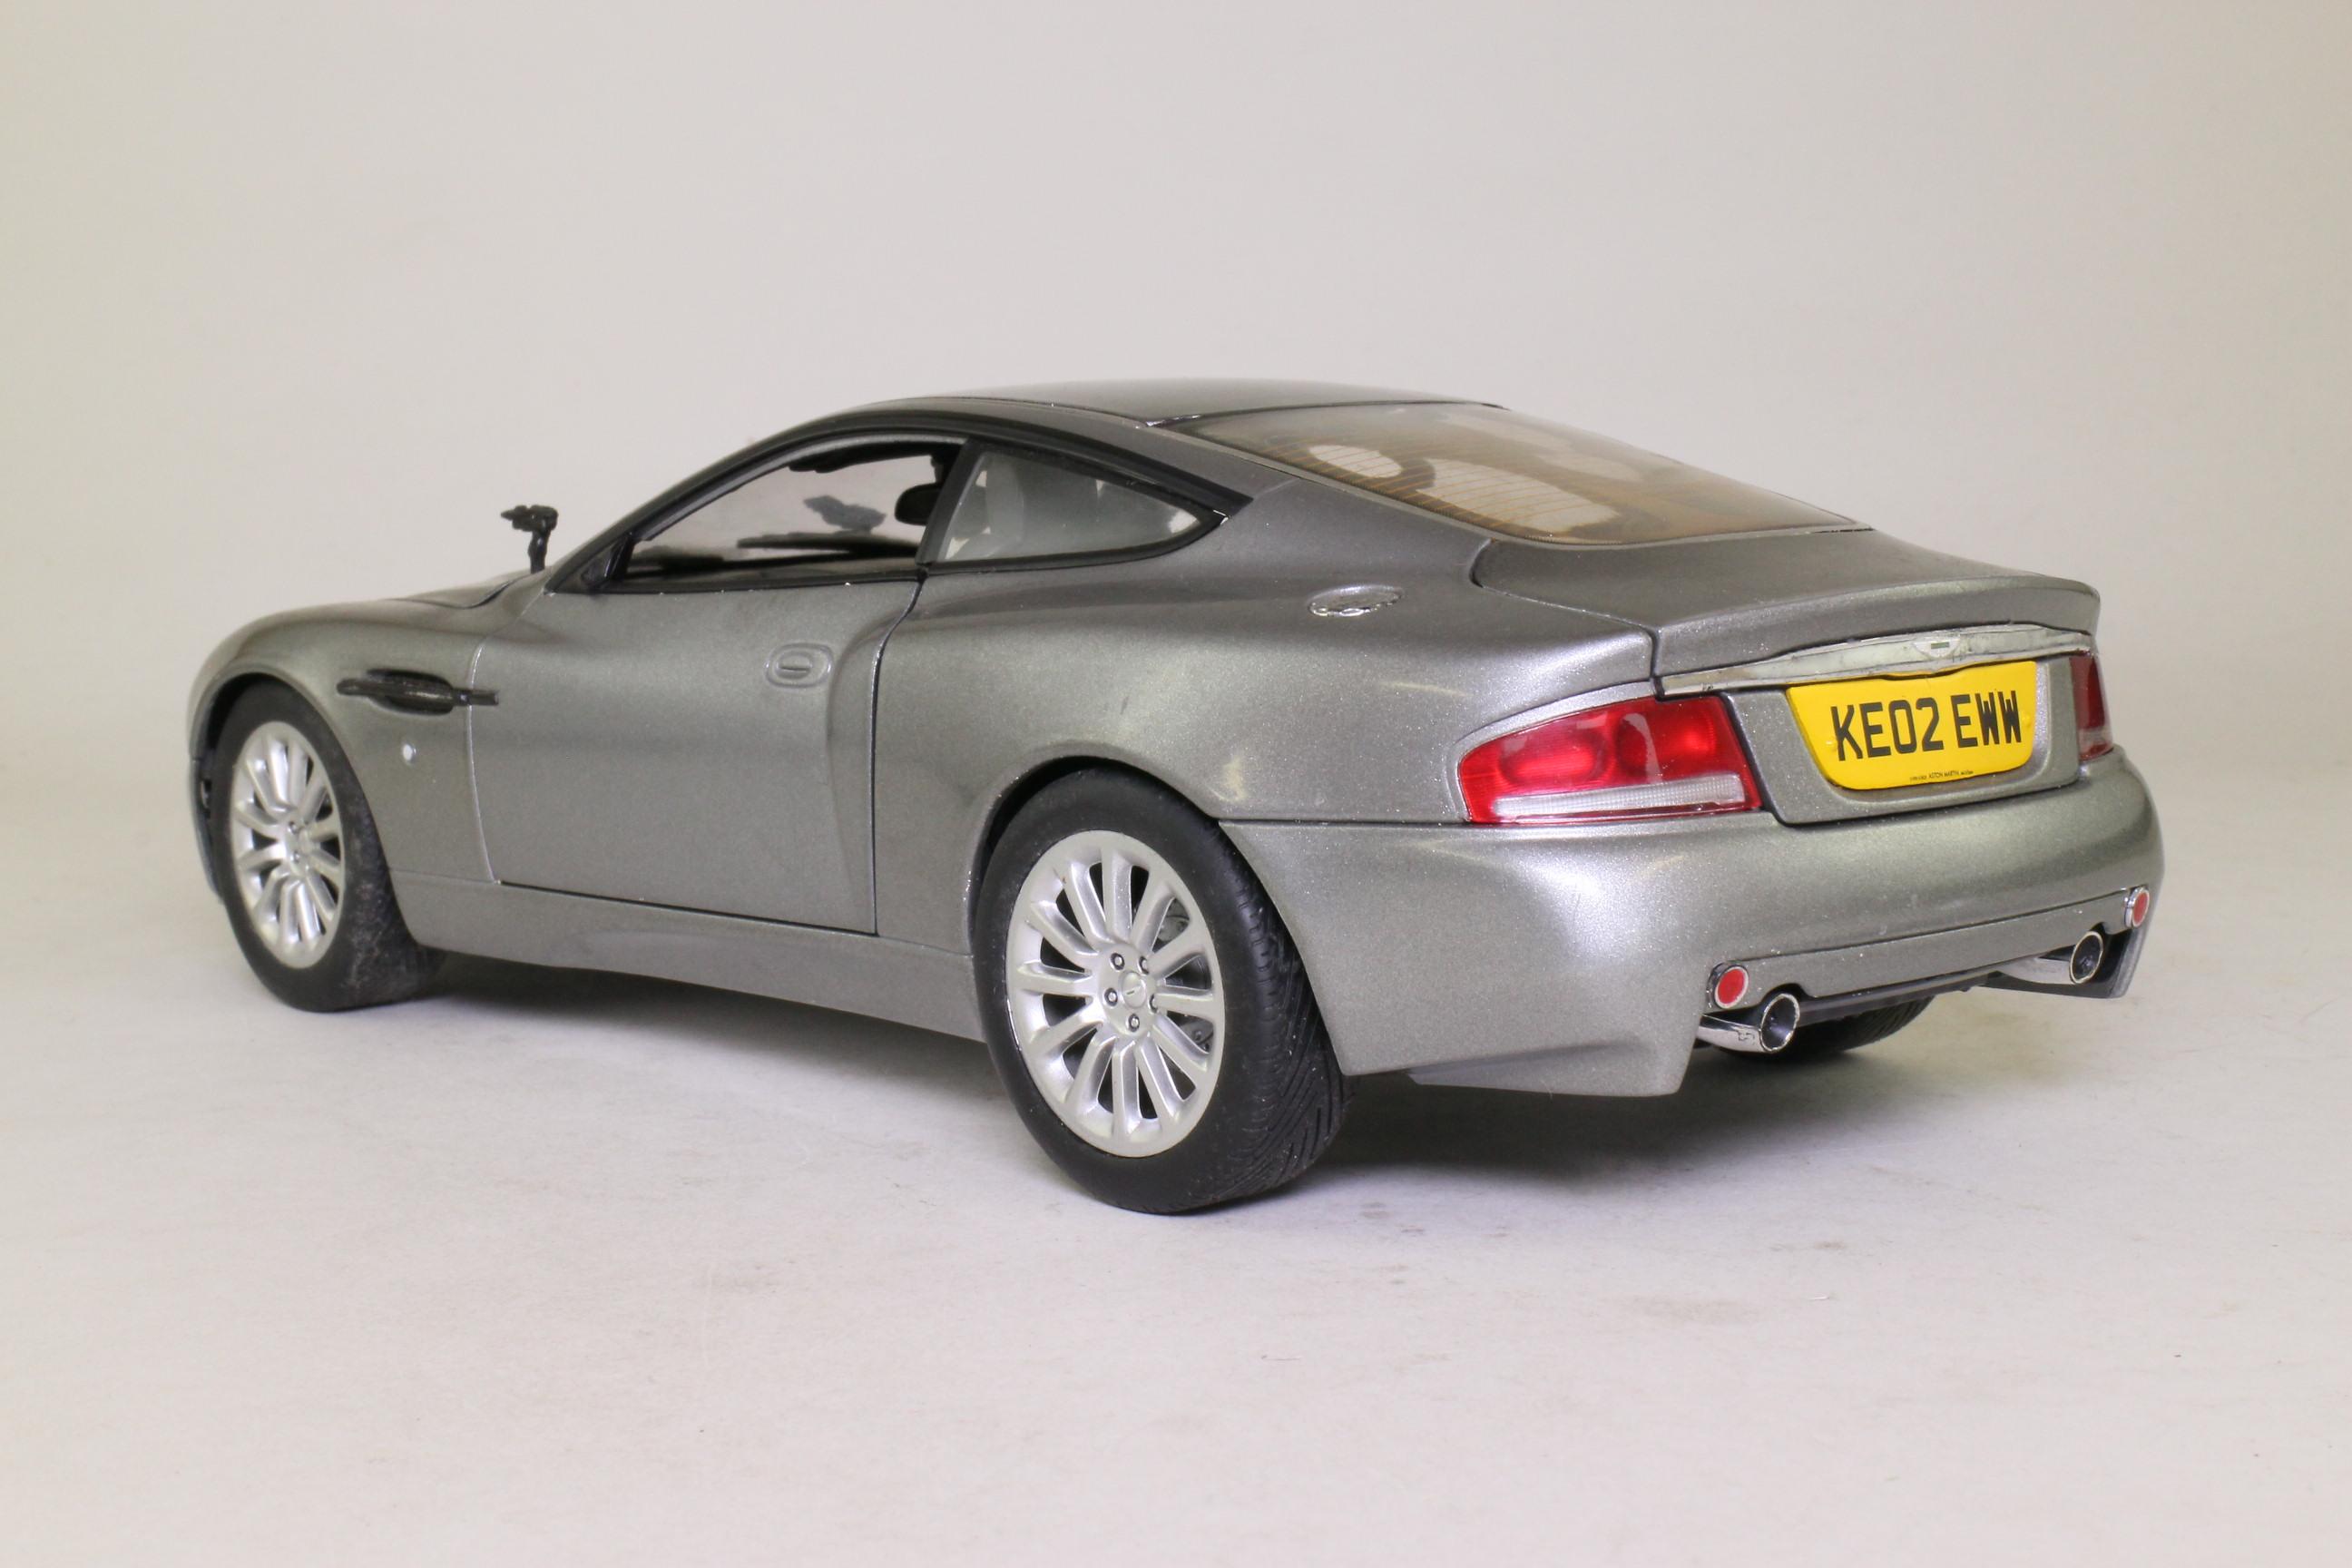 Beanstalk 1:18; James Bond Aston Martin Vanquish; Die